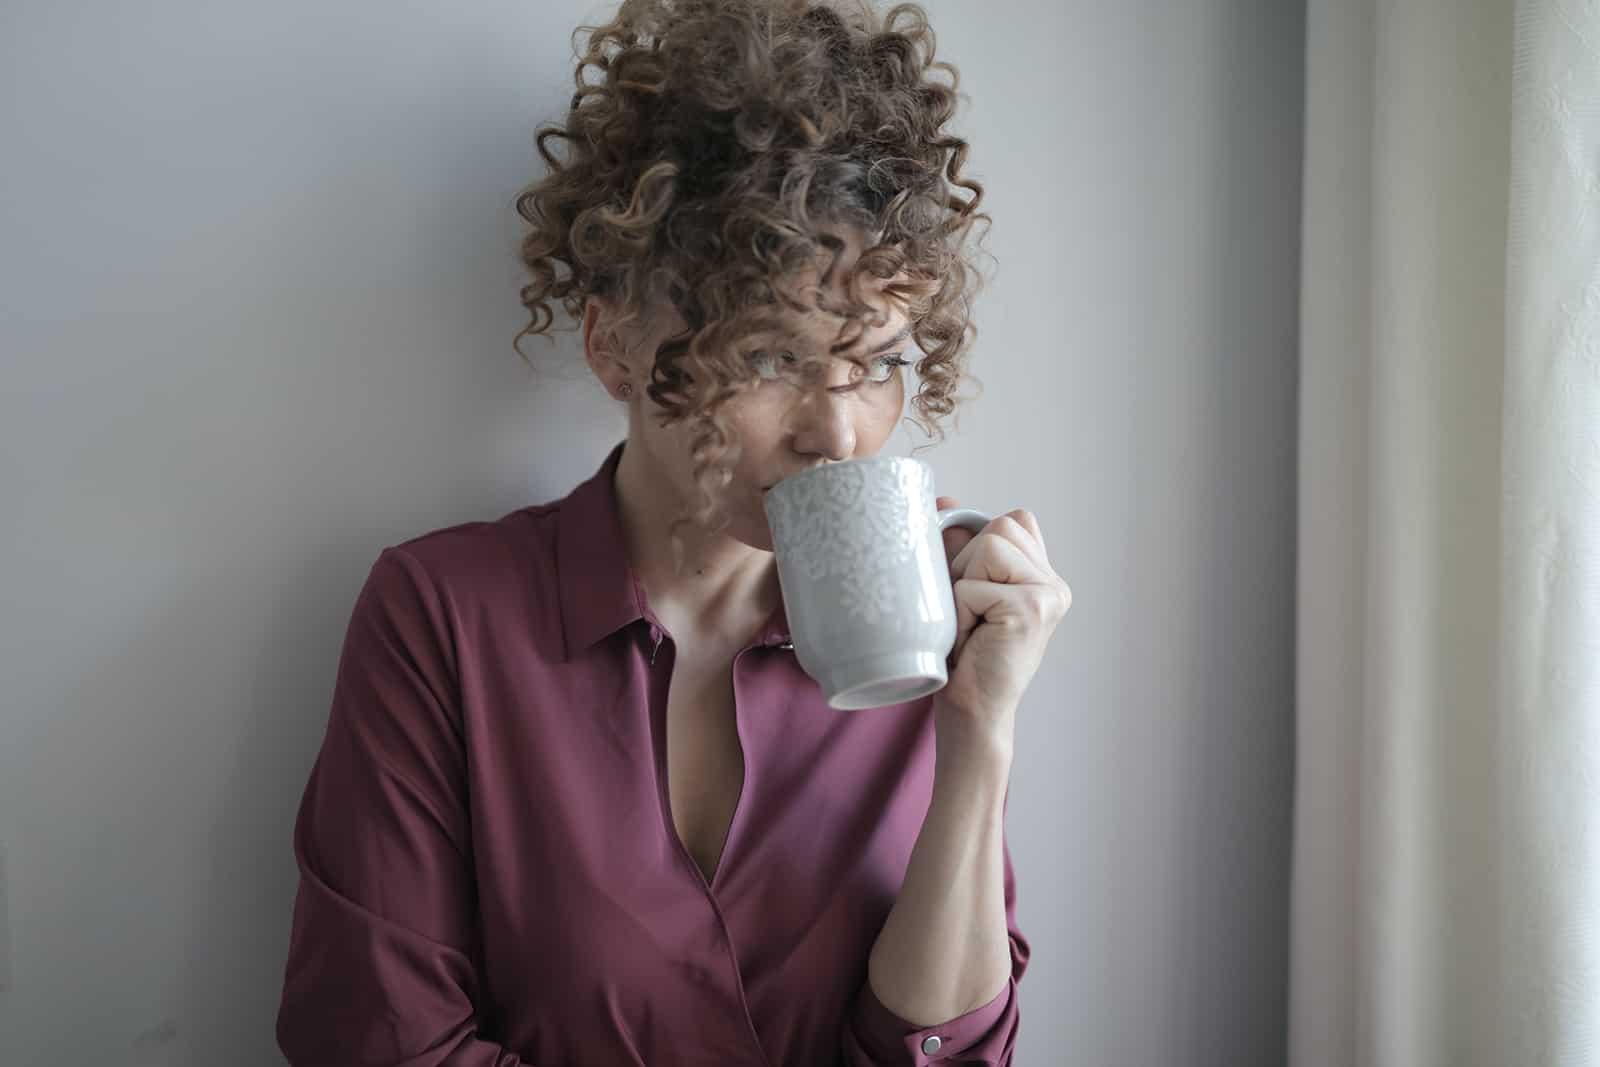 eine Frau, die sich an die Wand lehnt, während sie Kaffee trinkt und nachdenkt